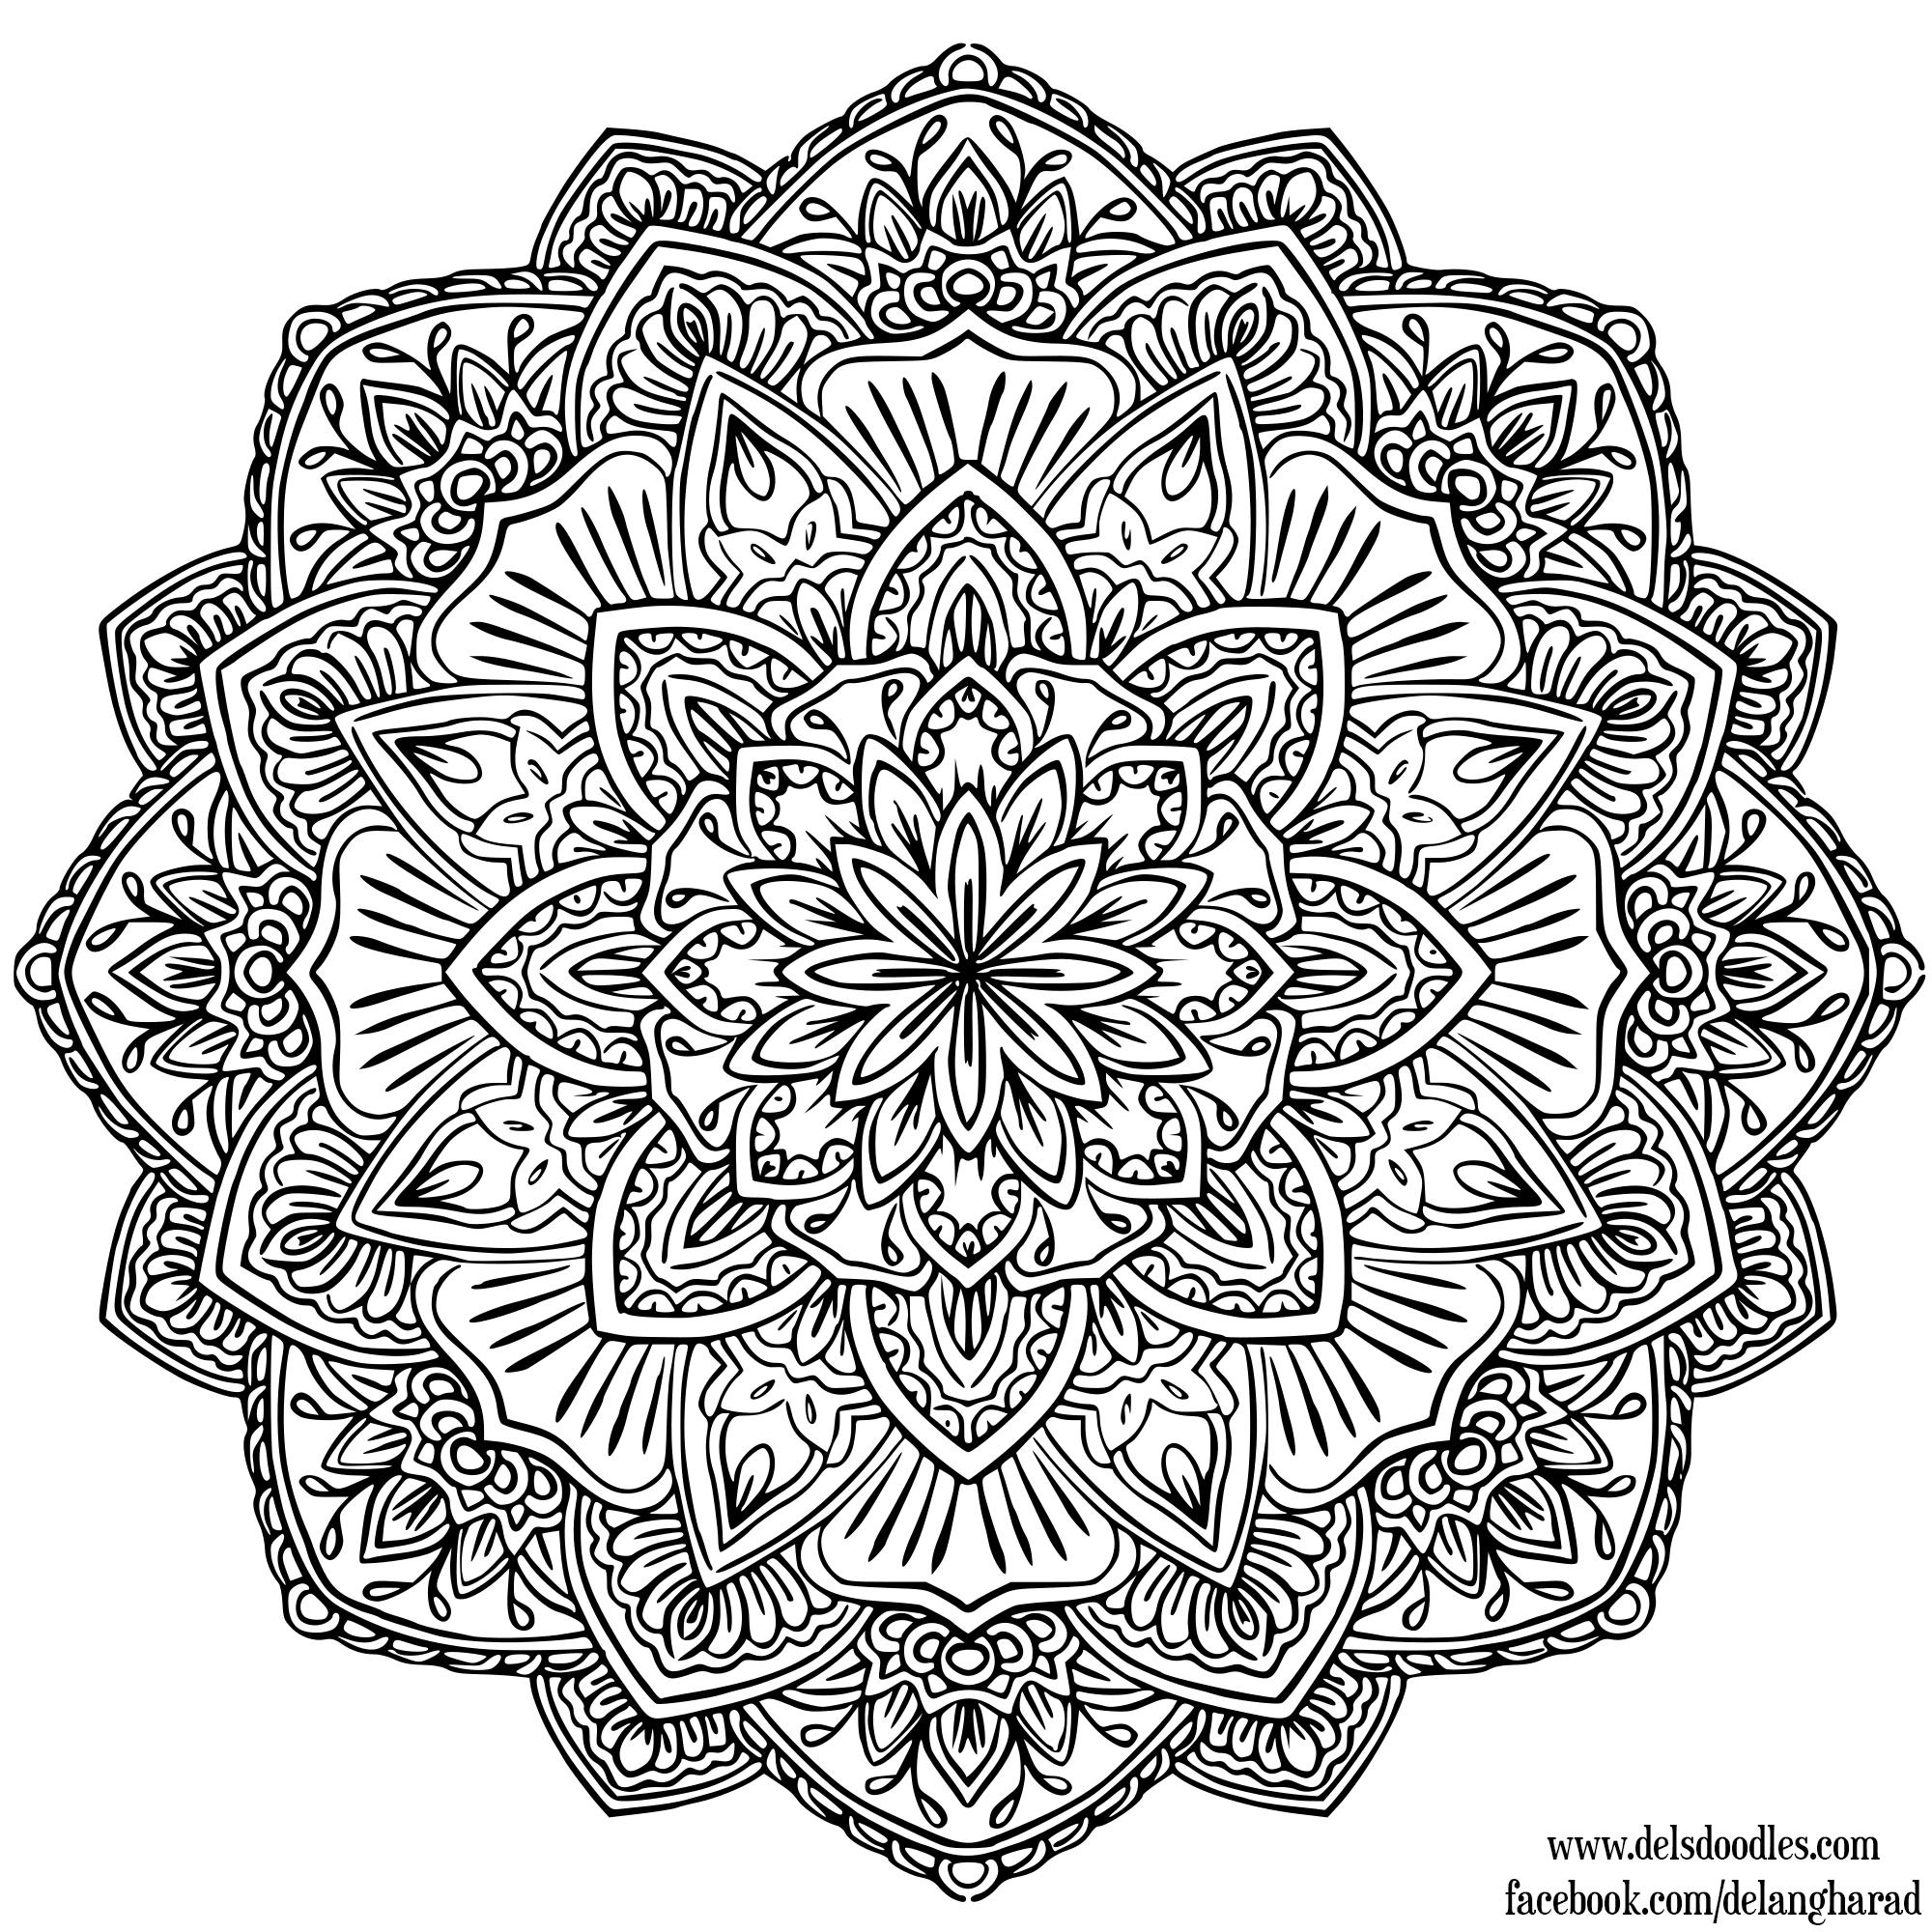 free printable mandala designs 100 best printable mandalas to color free images on mandala designs free printable